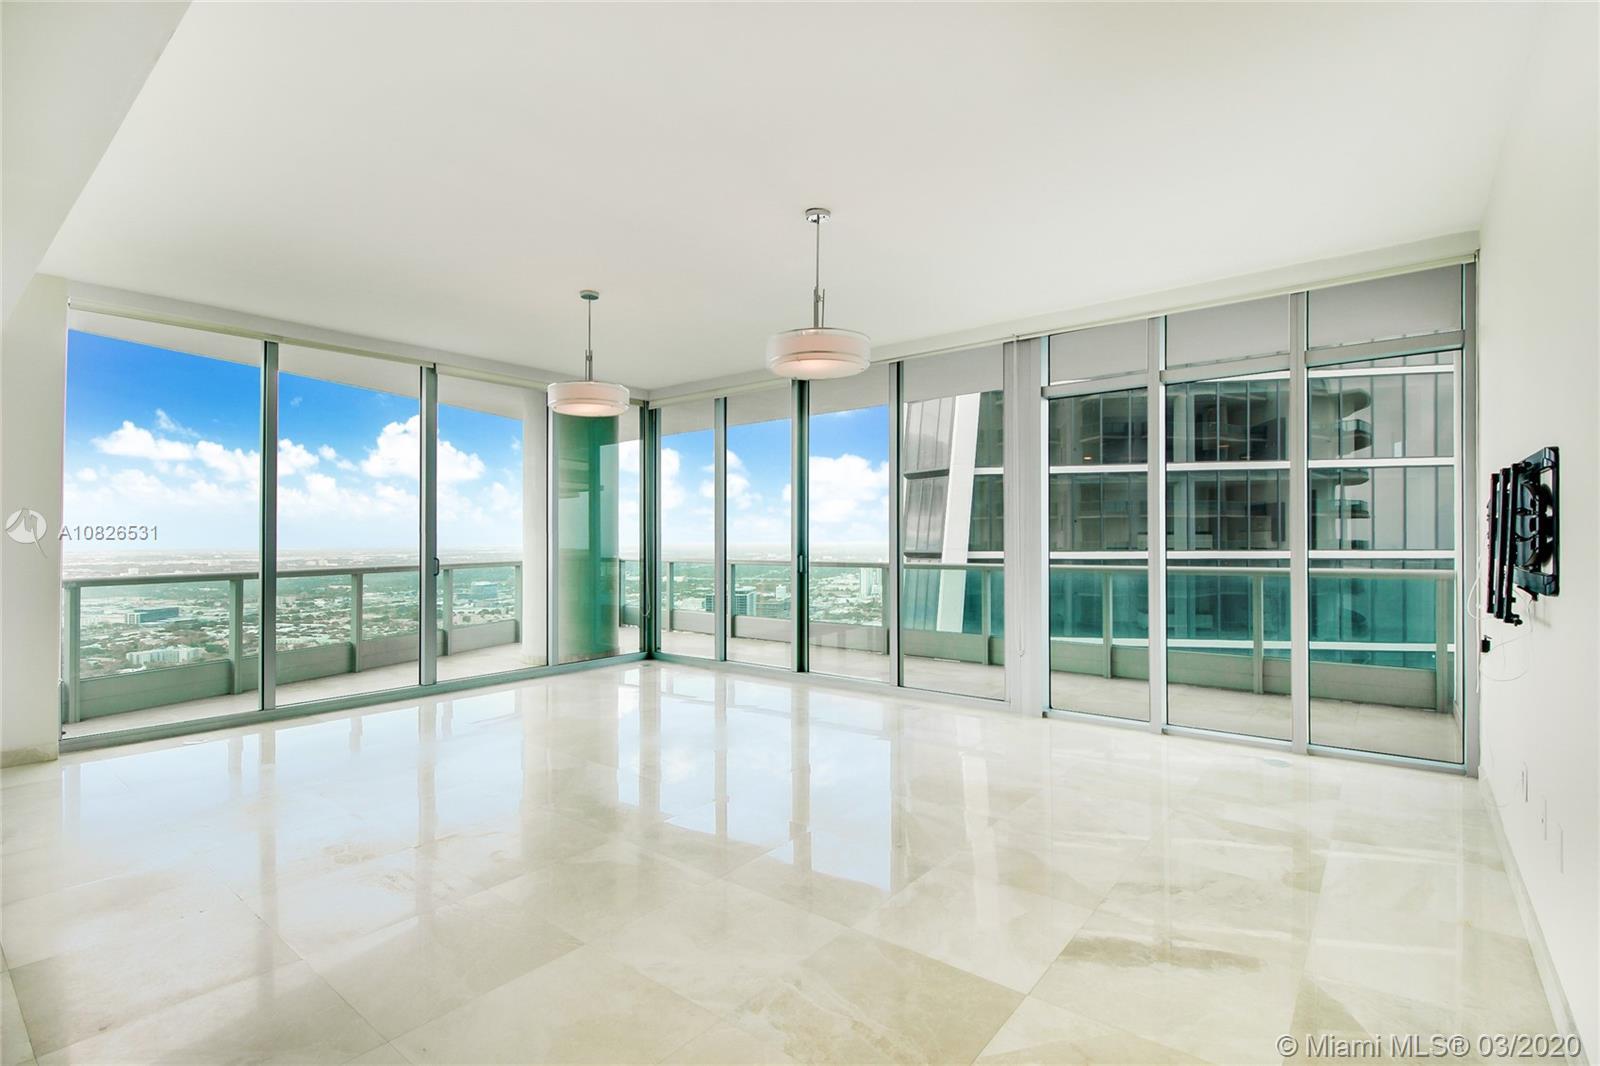 900 Biscayne Bay #6009 - 900 Biscayne Blvd #6009, Miami, FL 33132